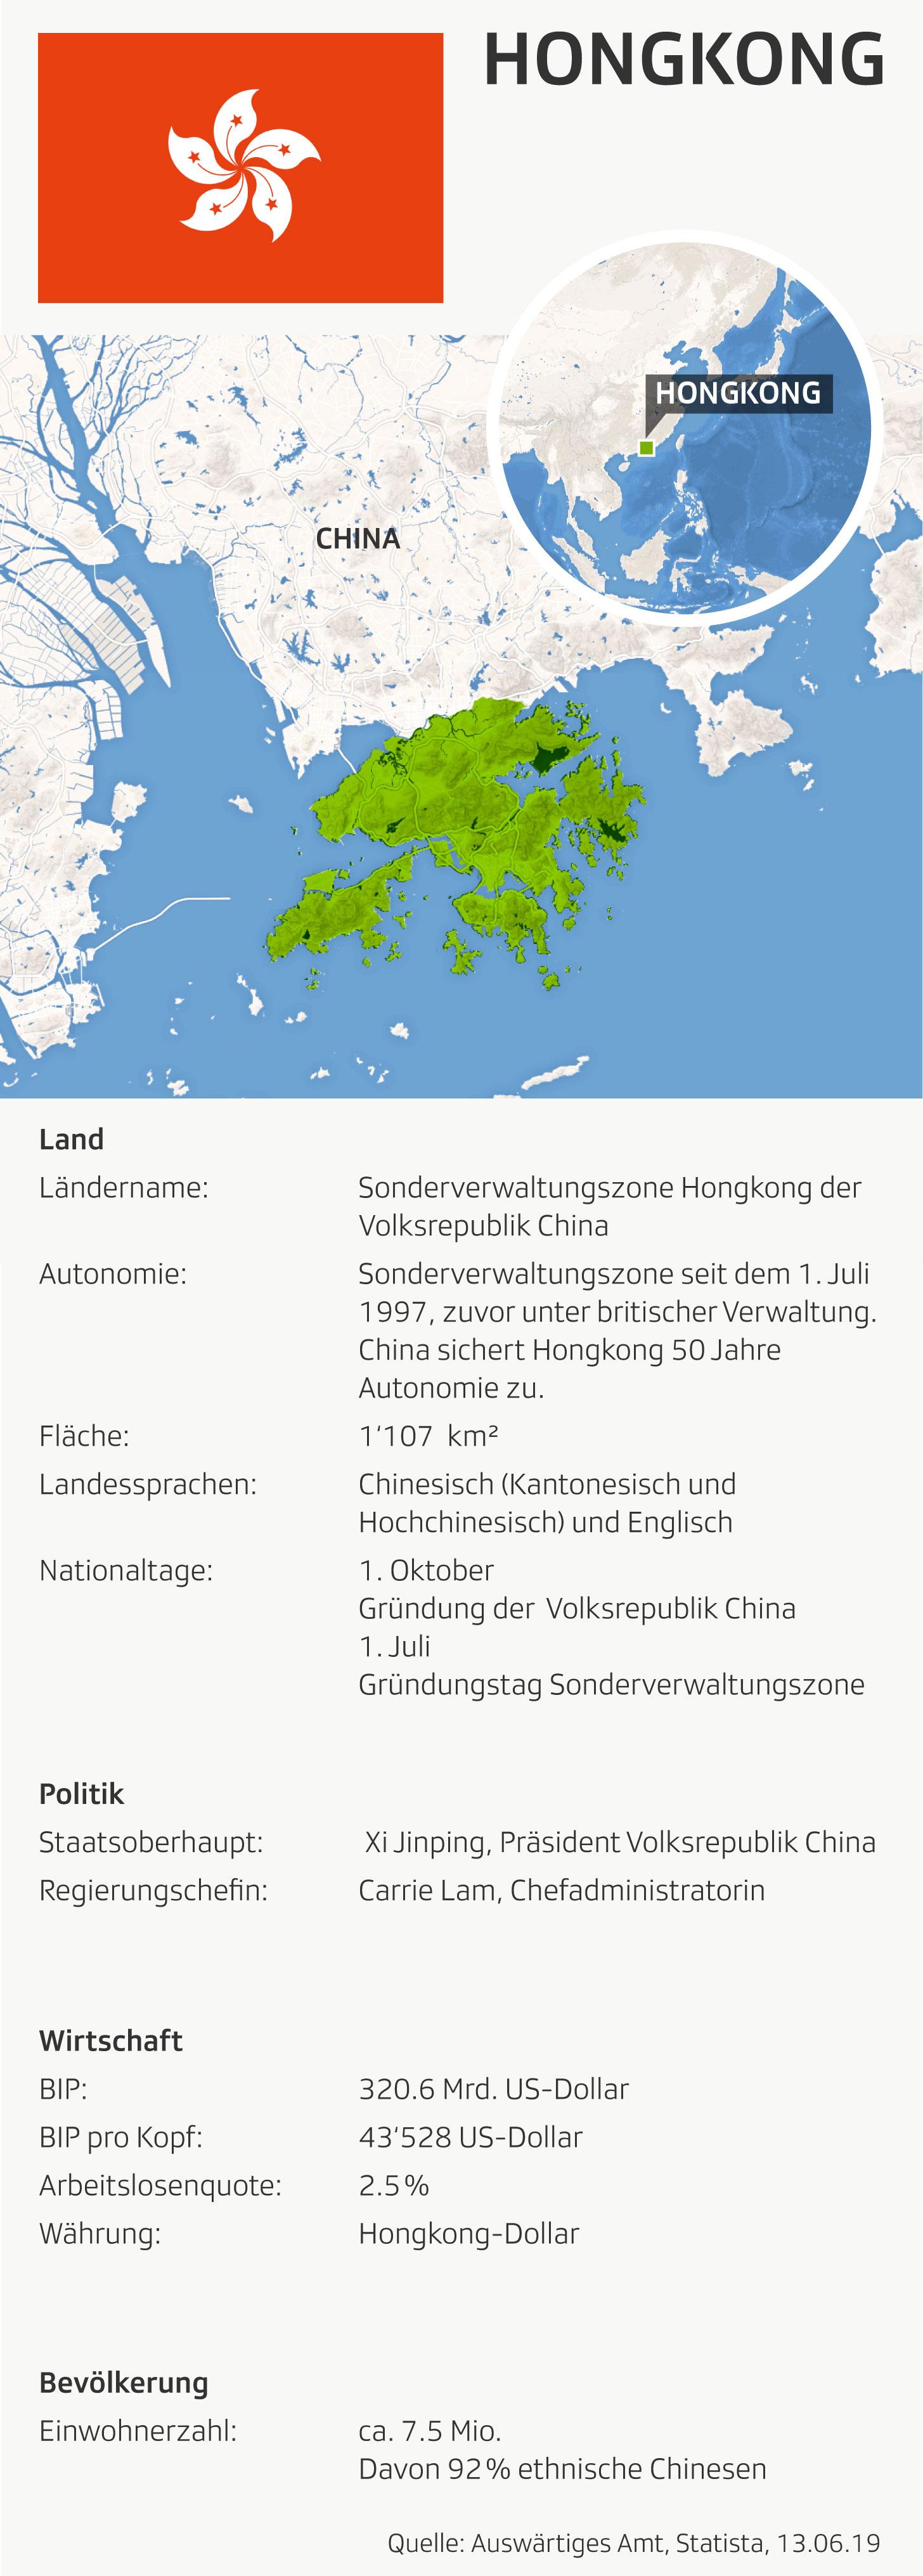 Grafik zeigt Karte, Fakten und Zahlen zu Hongkong